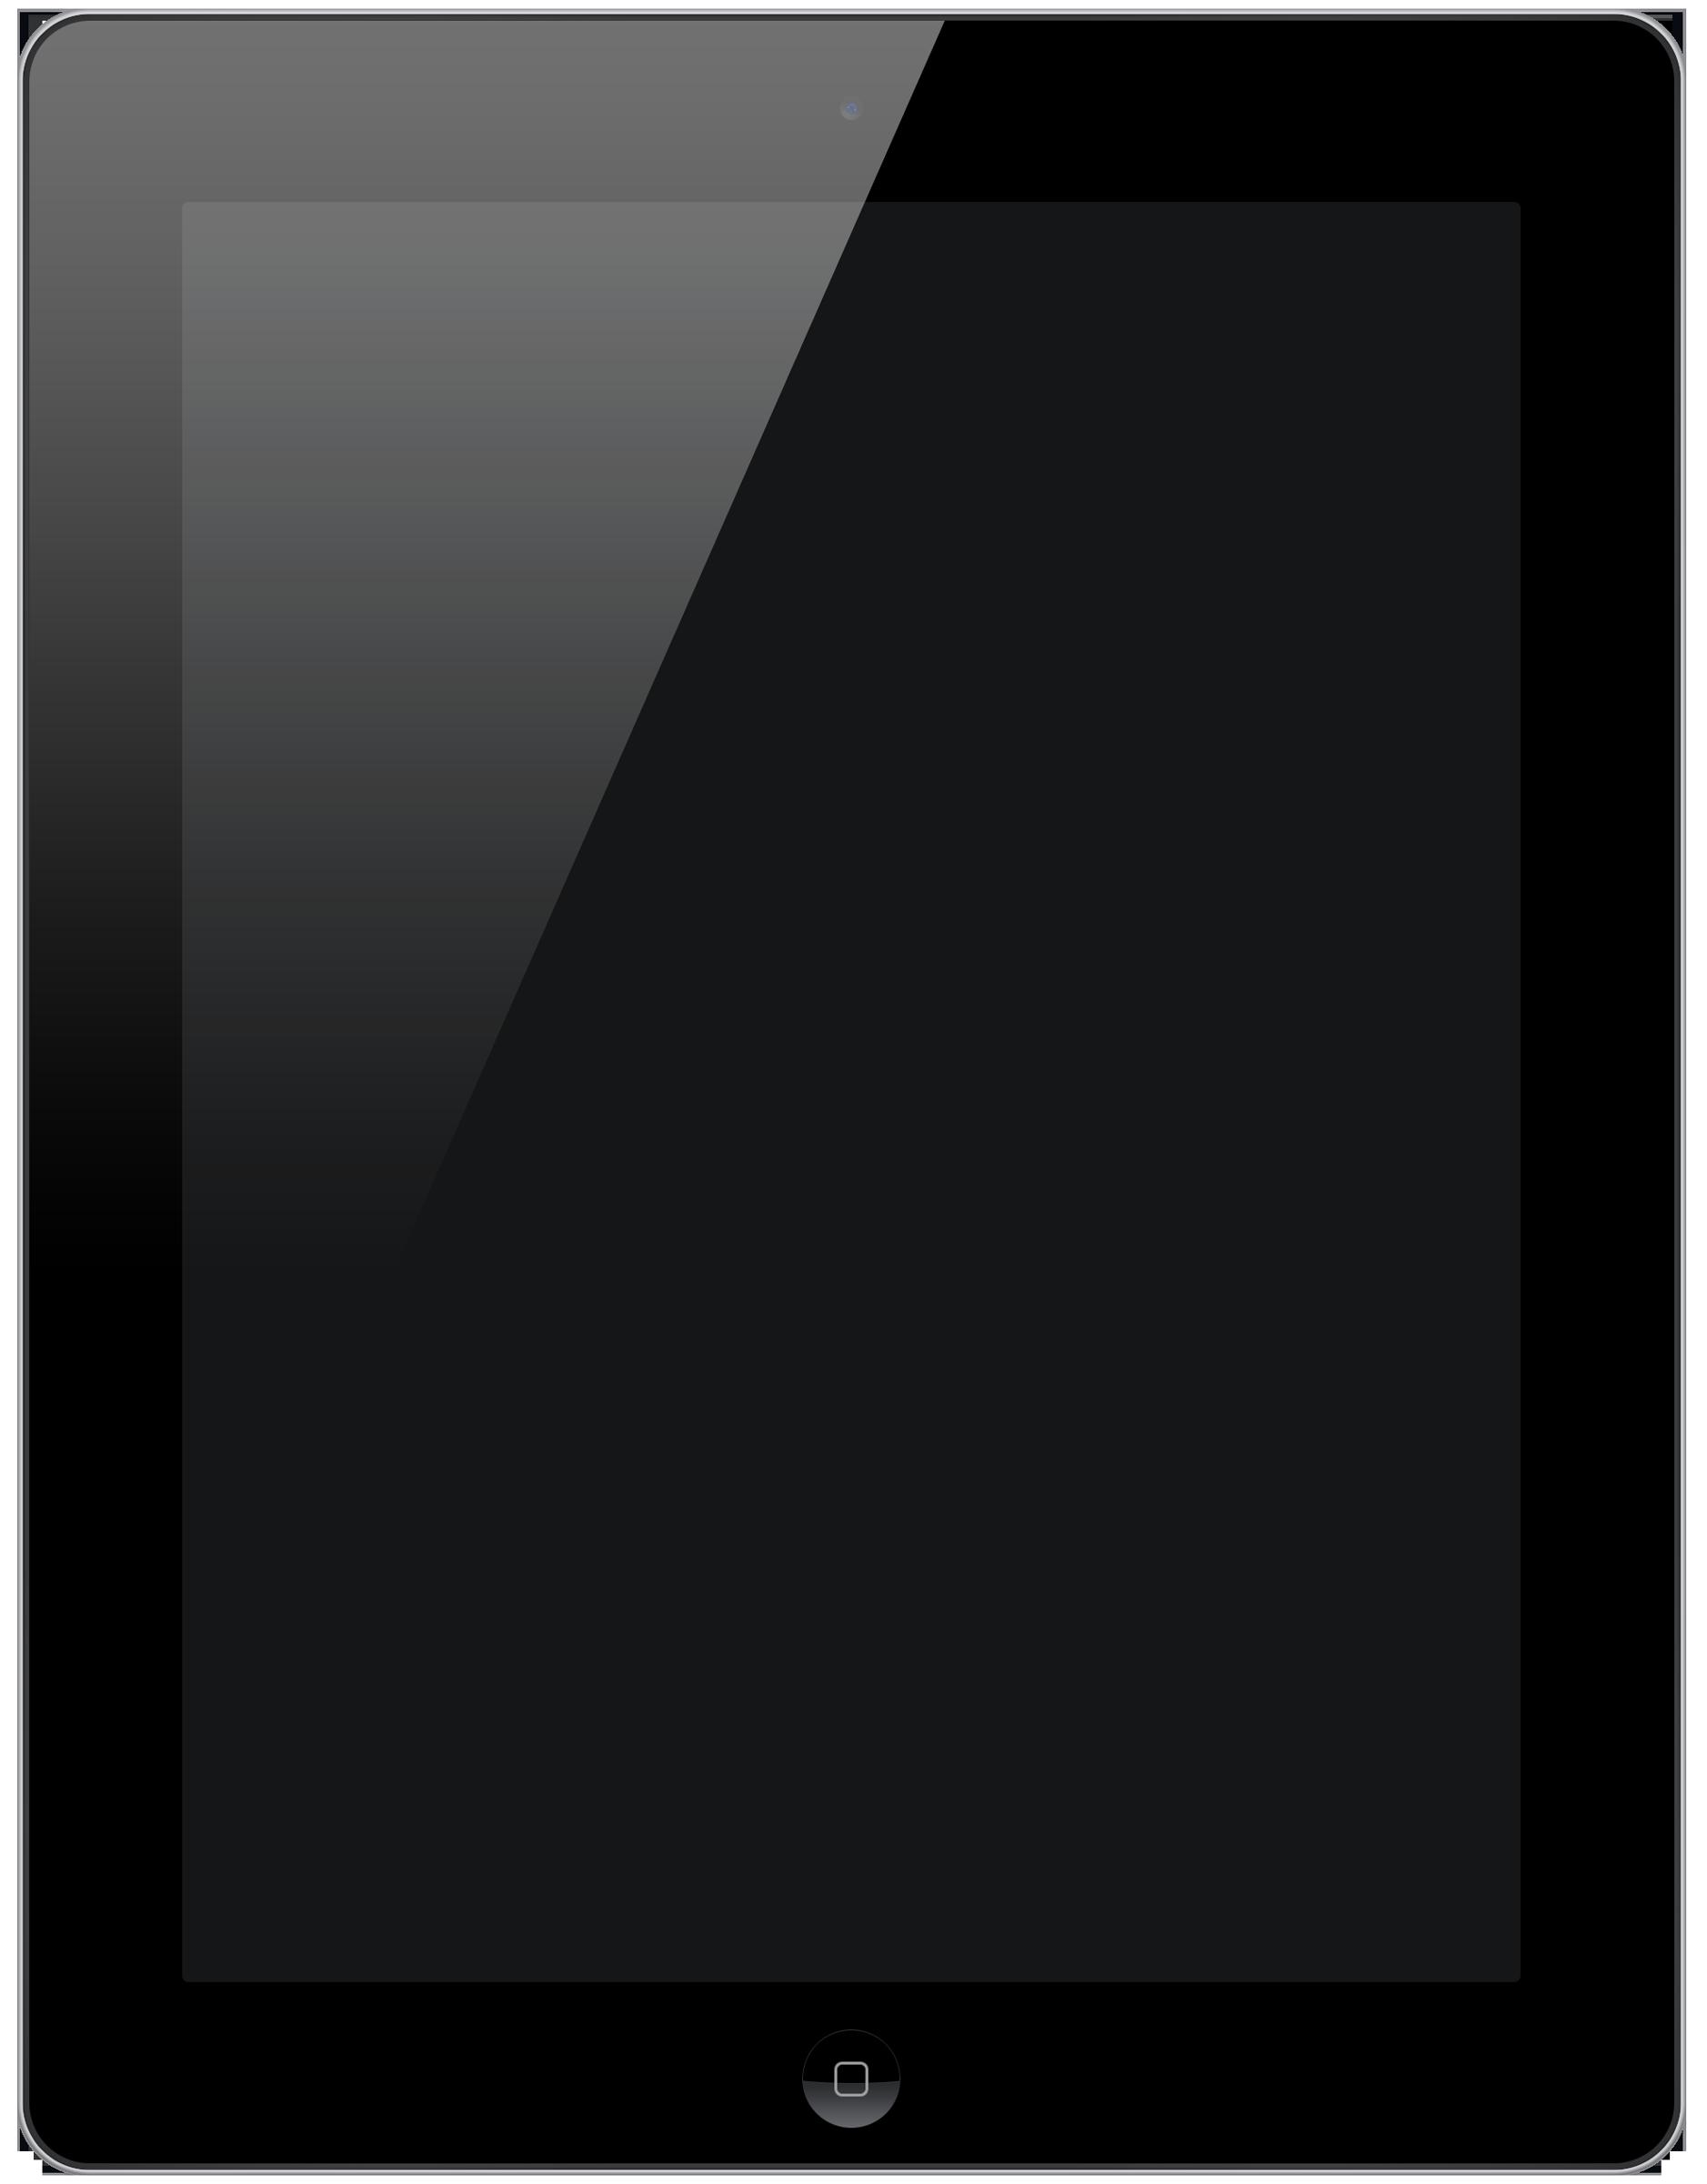 Ipad Tablet Png Image Ipad Tablet Tablet Ipad